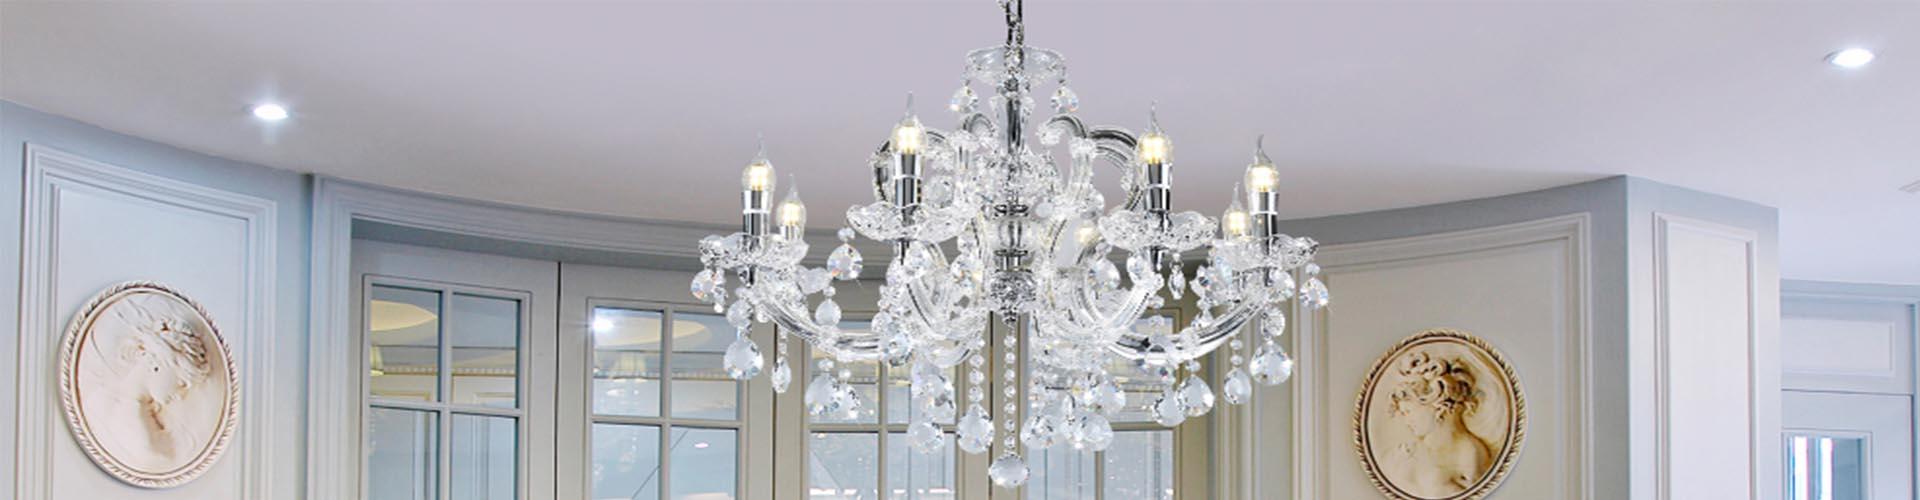 K&Y Pendant Lamp Manufacturer